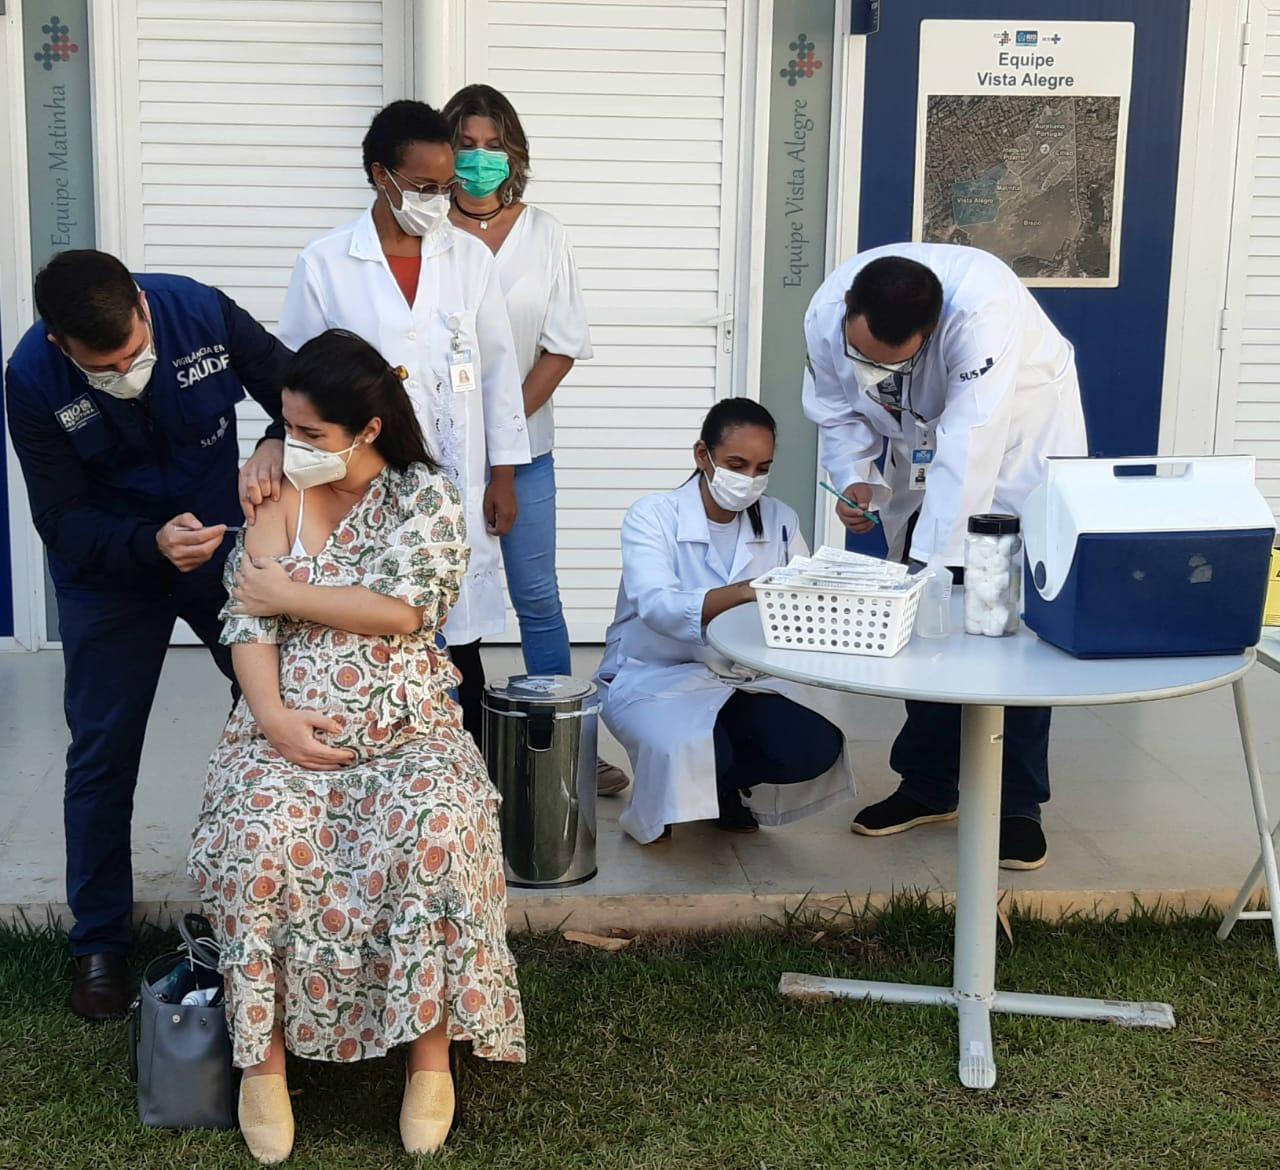 Secretario Municipal de Saúde, Daniel Soranz aplicando uma dose da vacina contra a covid-19 em uma moradora do Rio de Janeiro